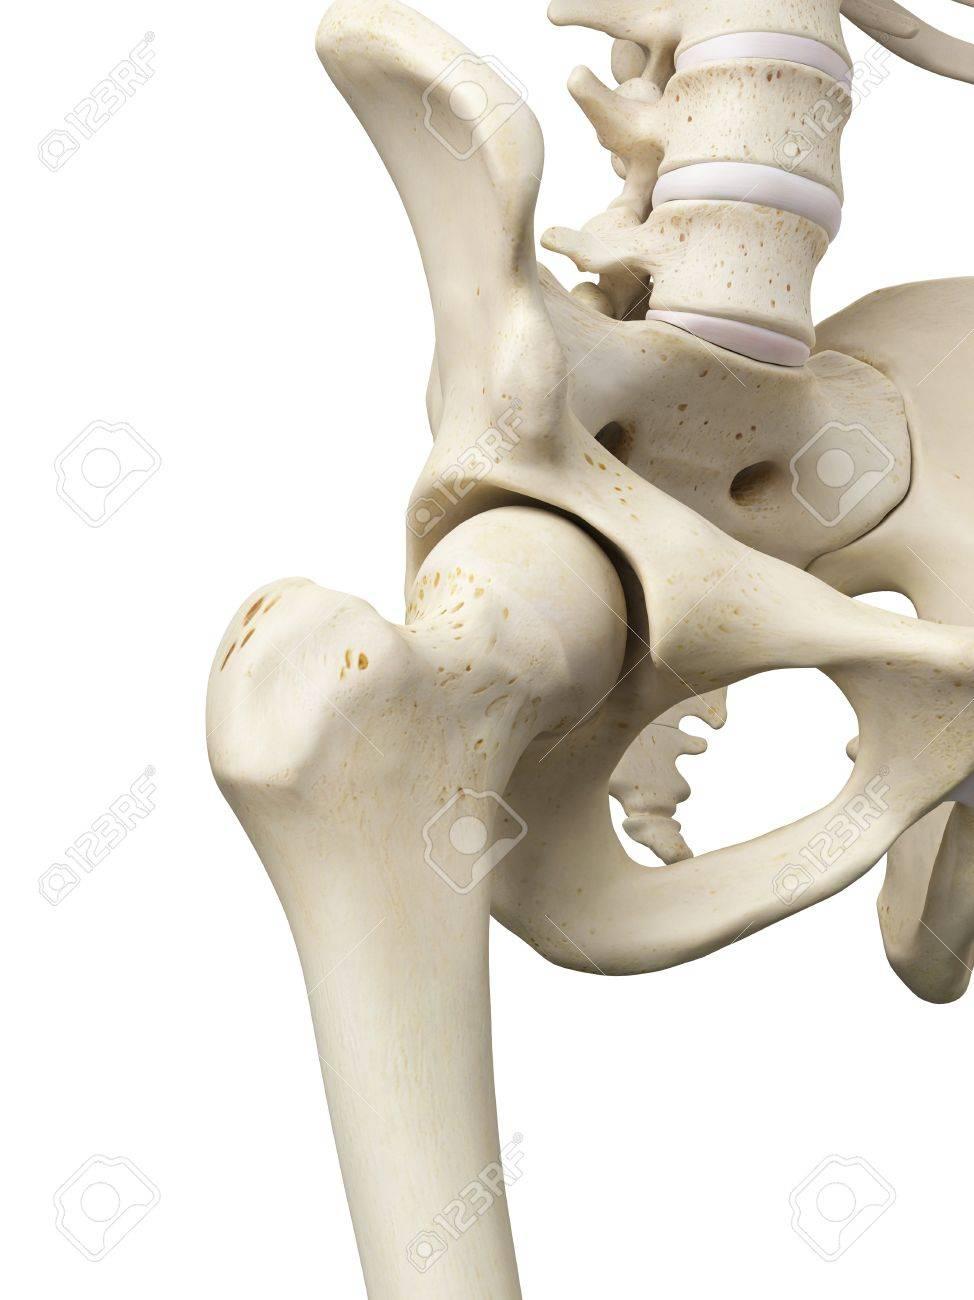 Ziemlich Das Hüftgelenk Anatomie Fotos - Anatomie Ideen - finotti.info